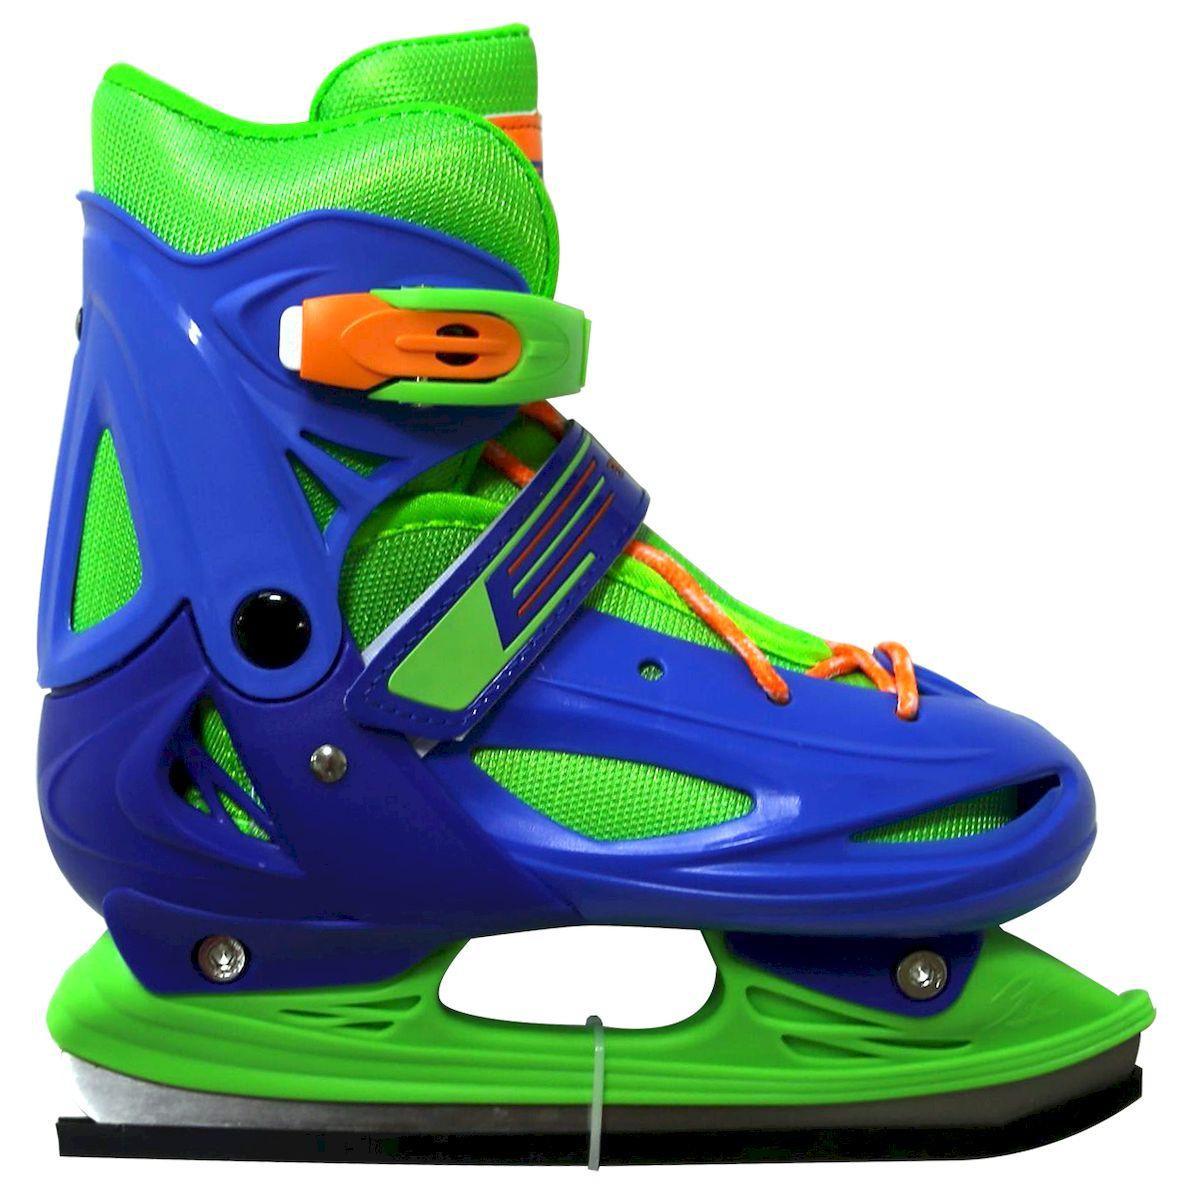 Коньки ледовые Ice Blade Casey, раздвижные, цвет: синий, зеленый, оранжевый. УТ-00009125. Размер M (34/37)